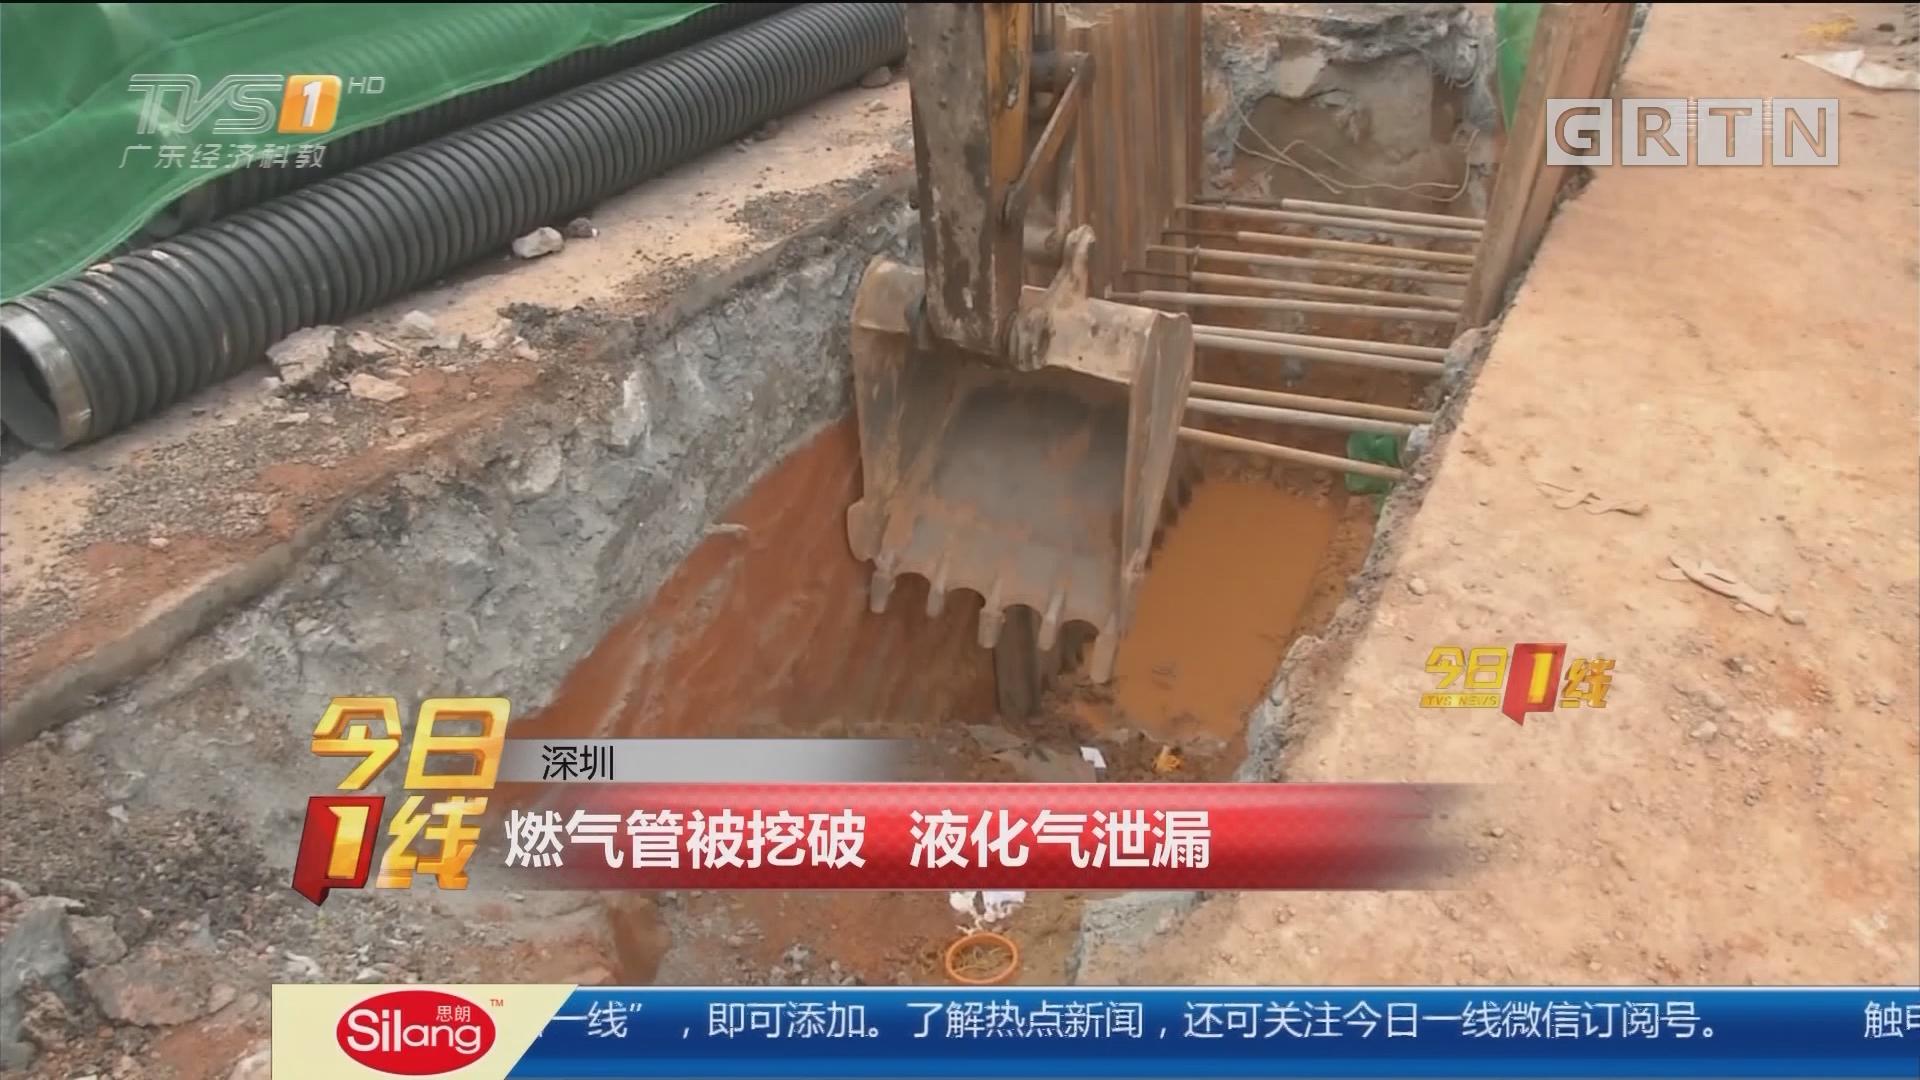 深圳:燃气管被挖破 液化气泄漏